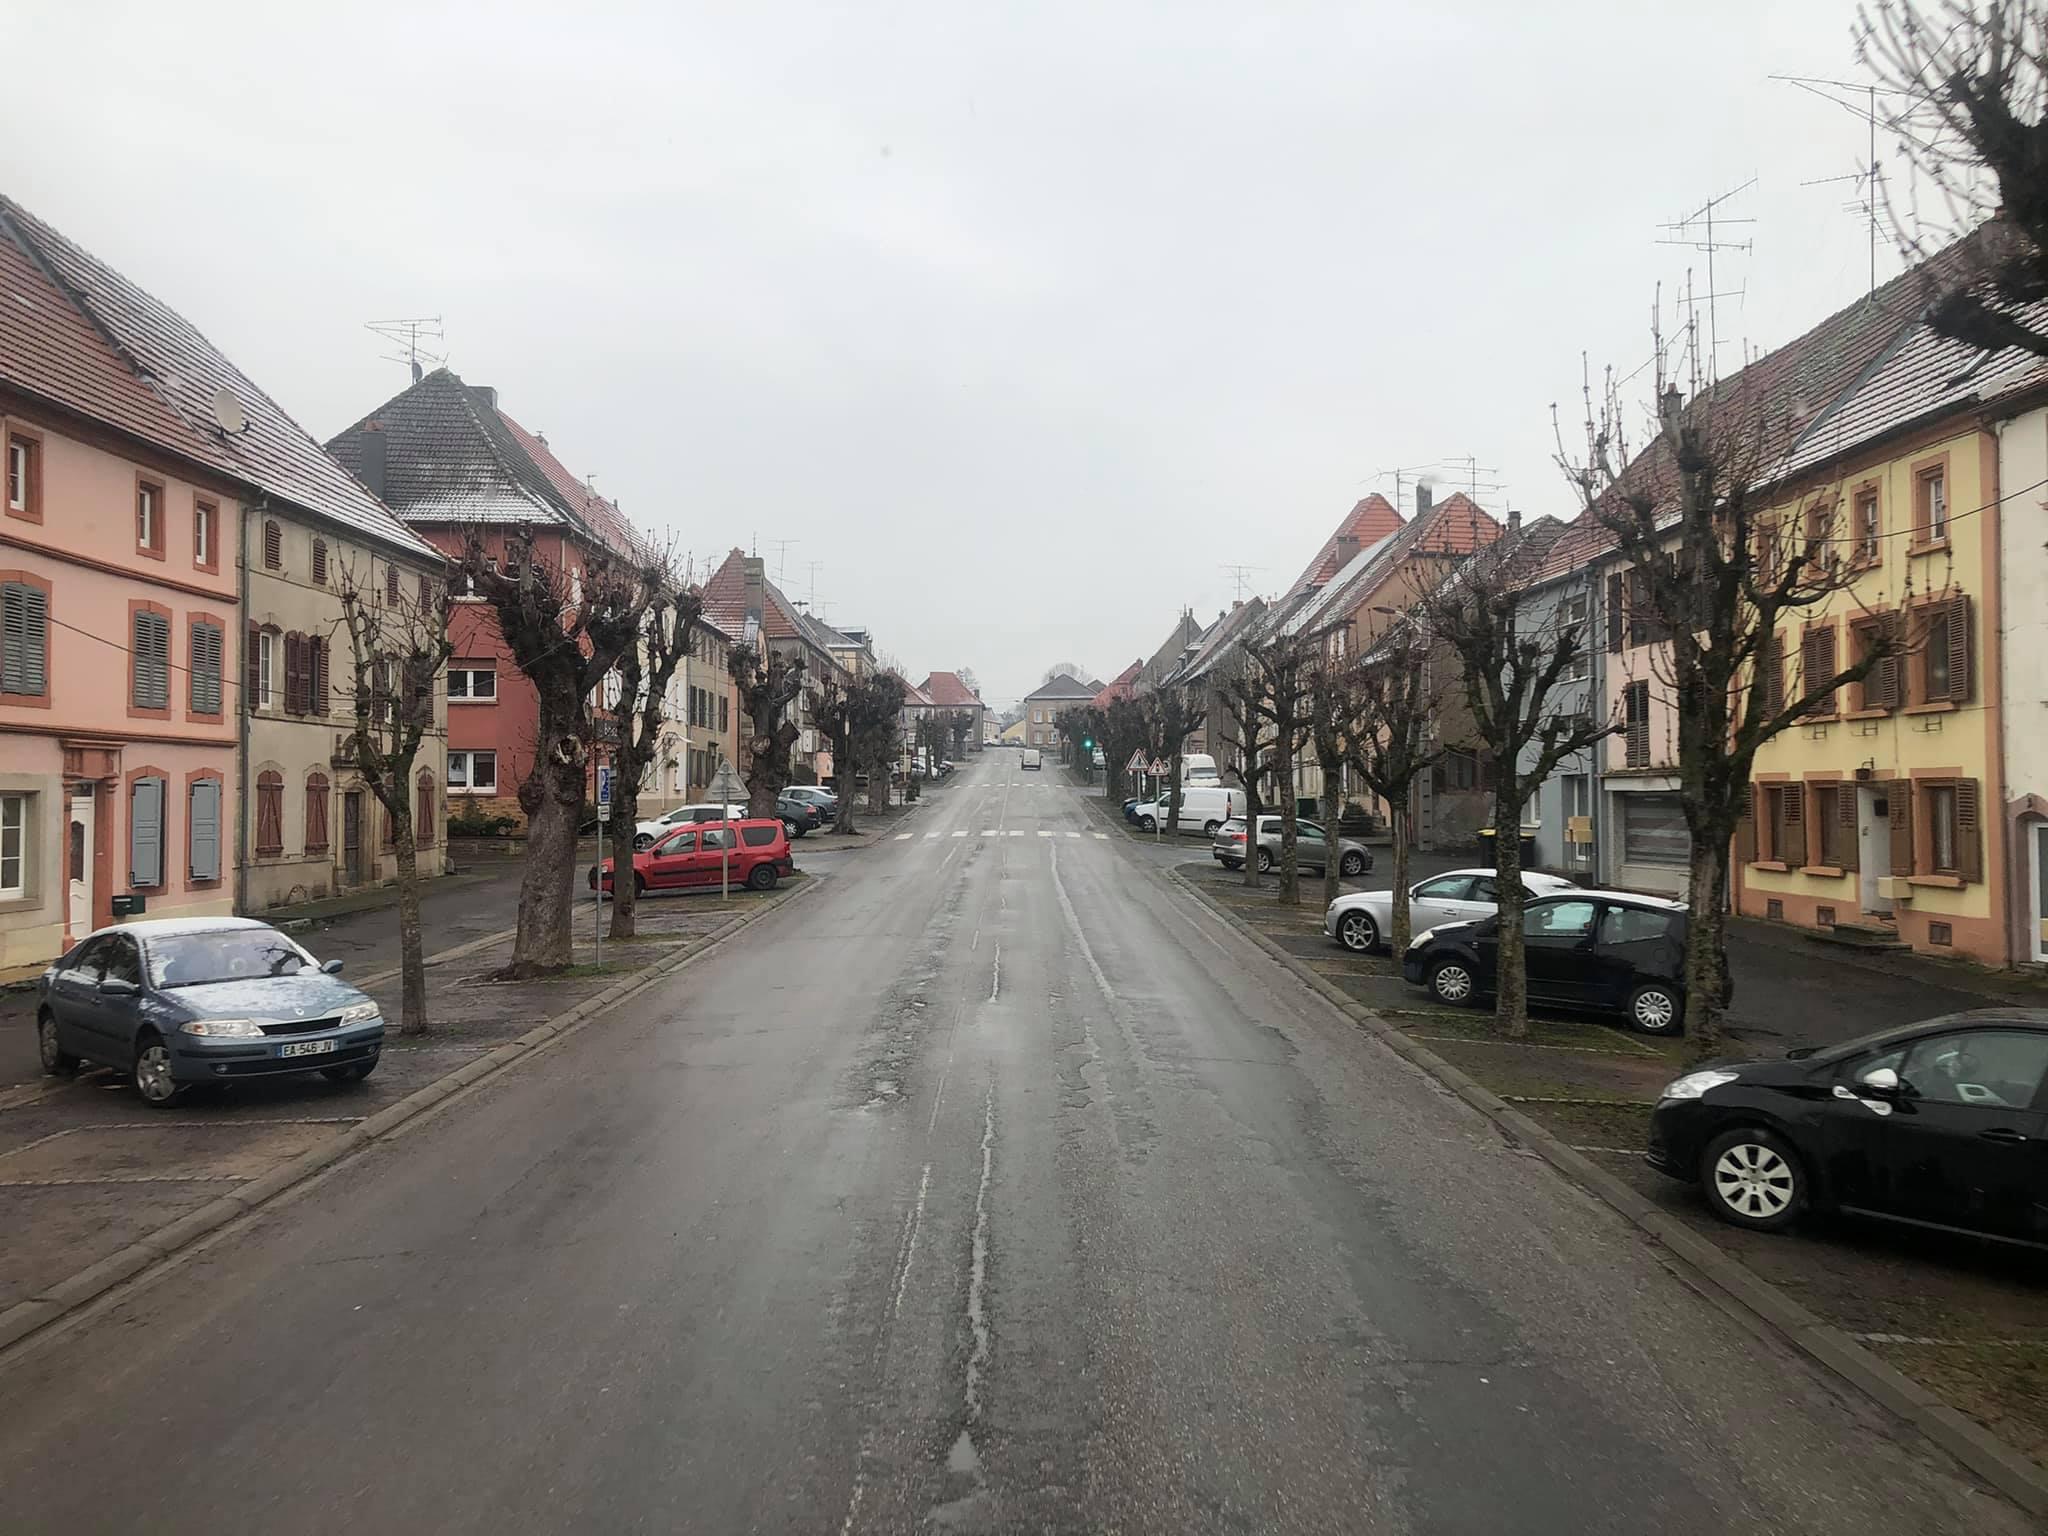 Mooi-winter-weer-6-1-2021-(4)